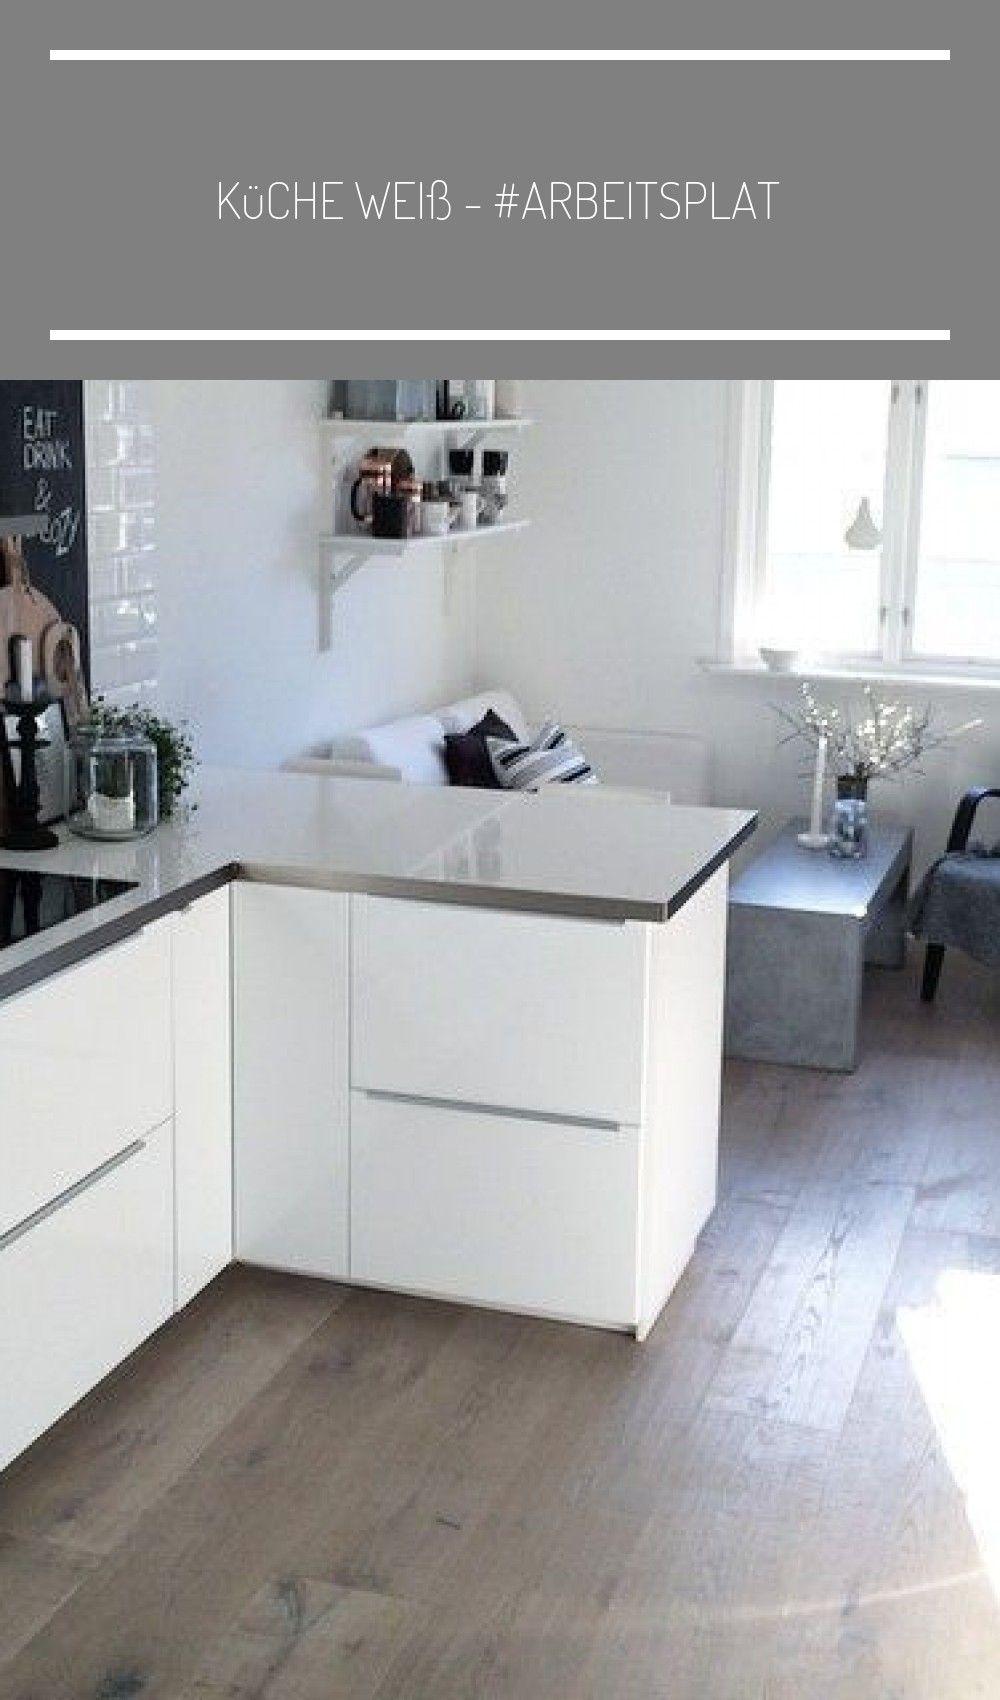 küche weiß - #arbeitsplatte #küche #weiß #offene küche